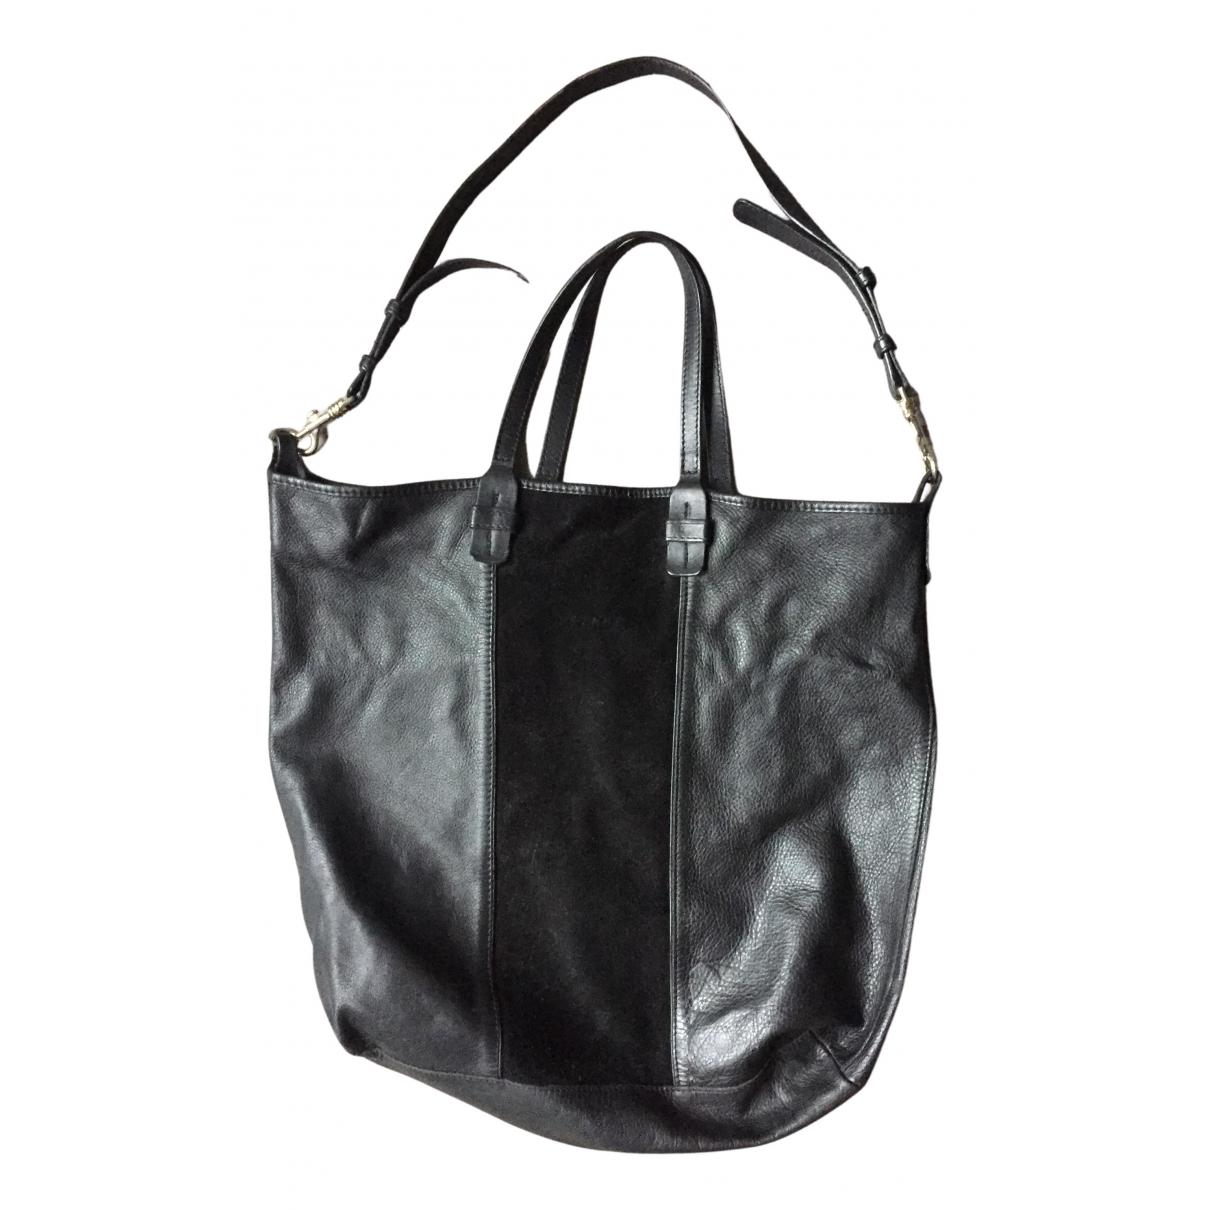 Sezane \N Handtasche in  Schwarz Leder